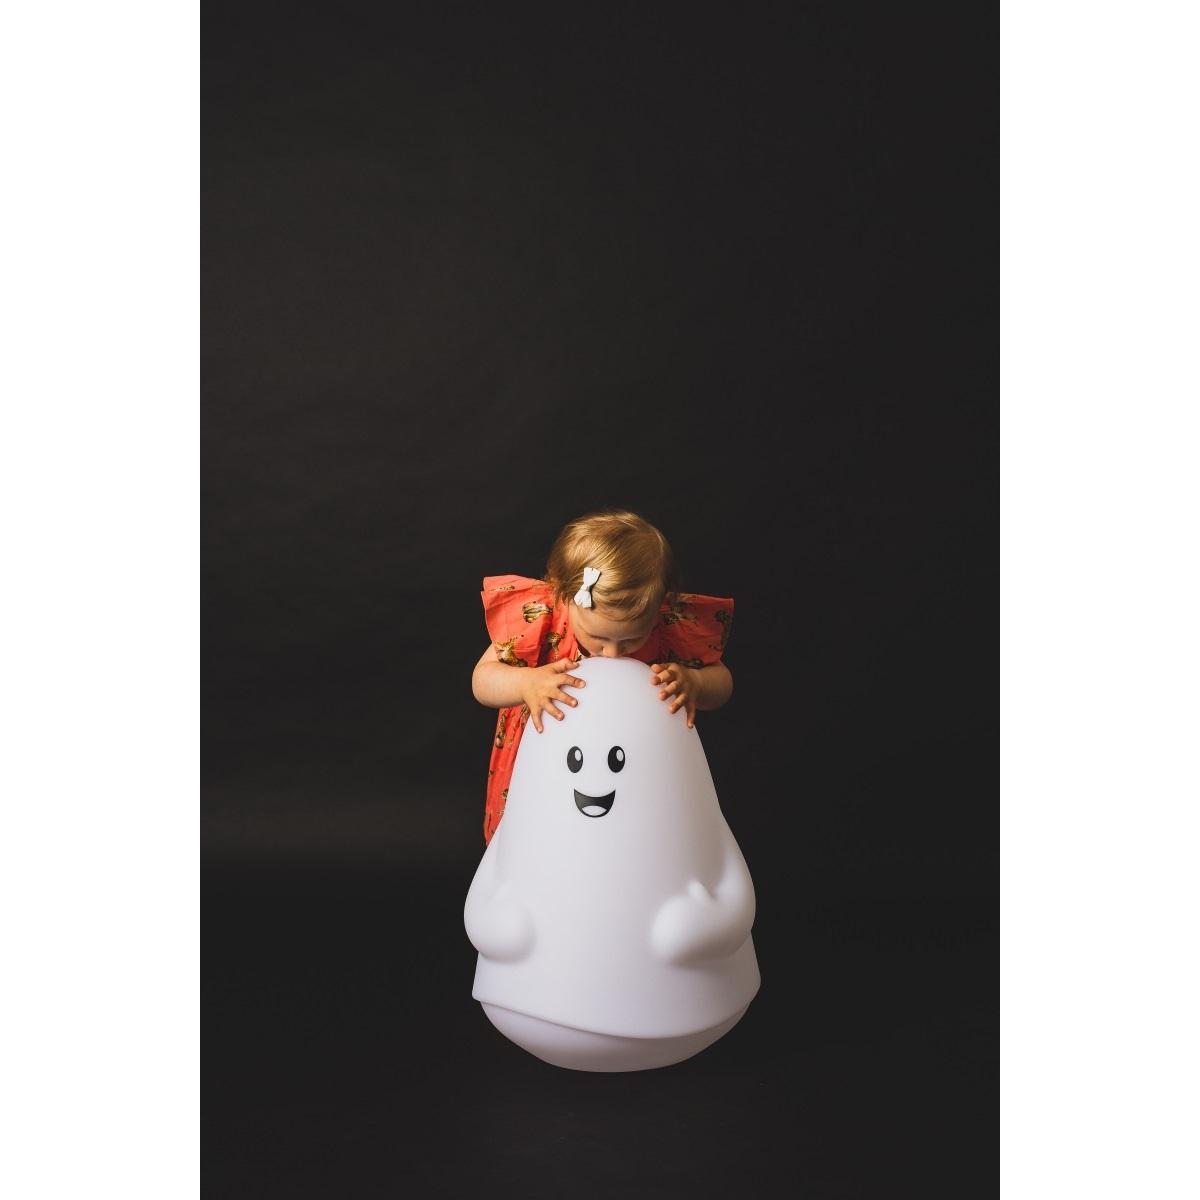 מנורת לילה לחדר ילדים וגם רמקול דגם ברבאאבא